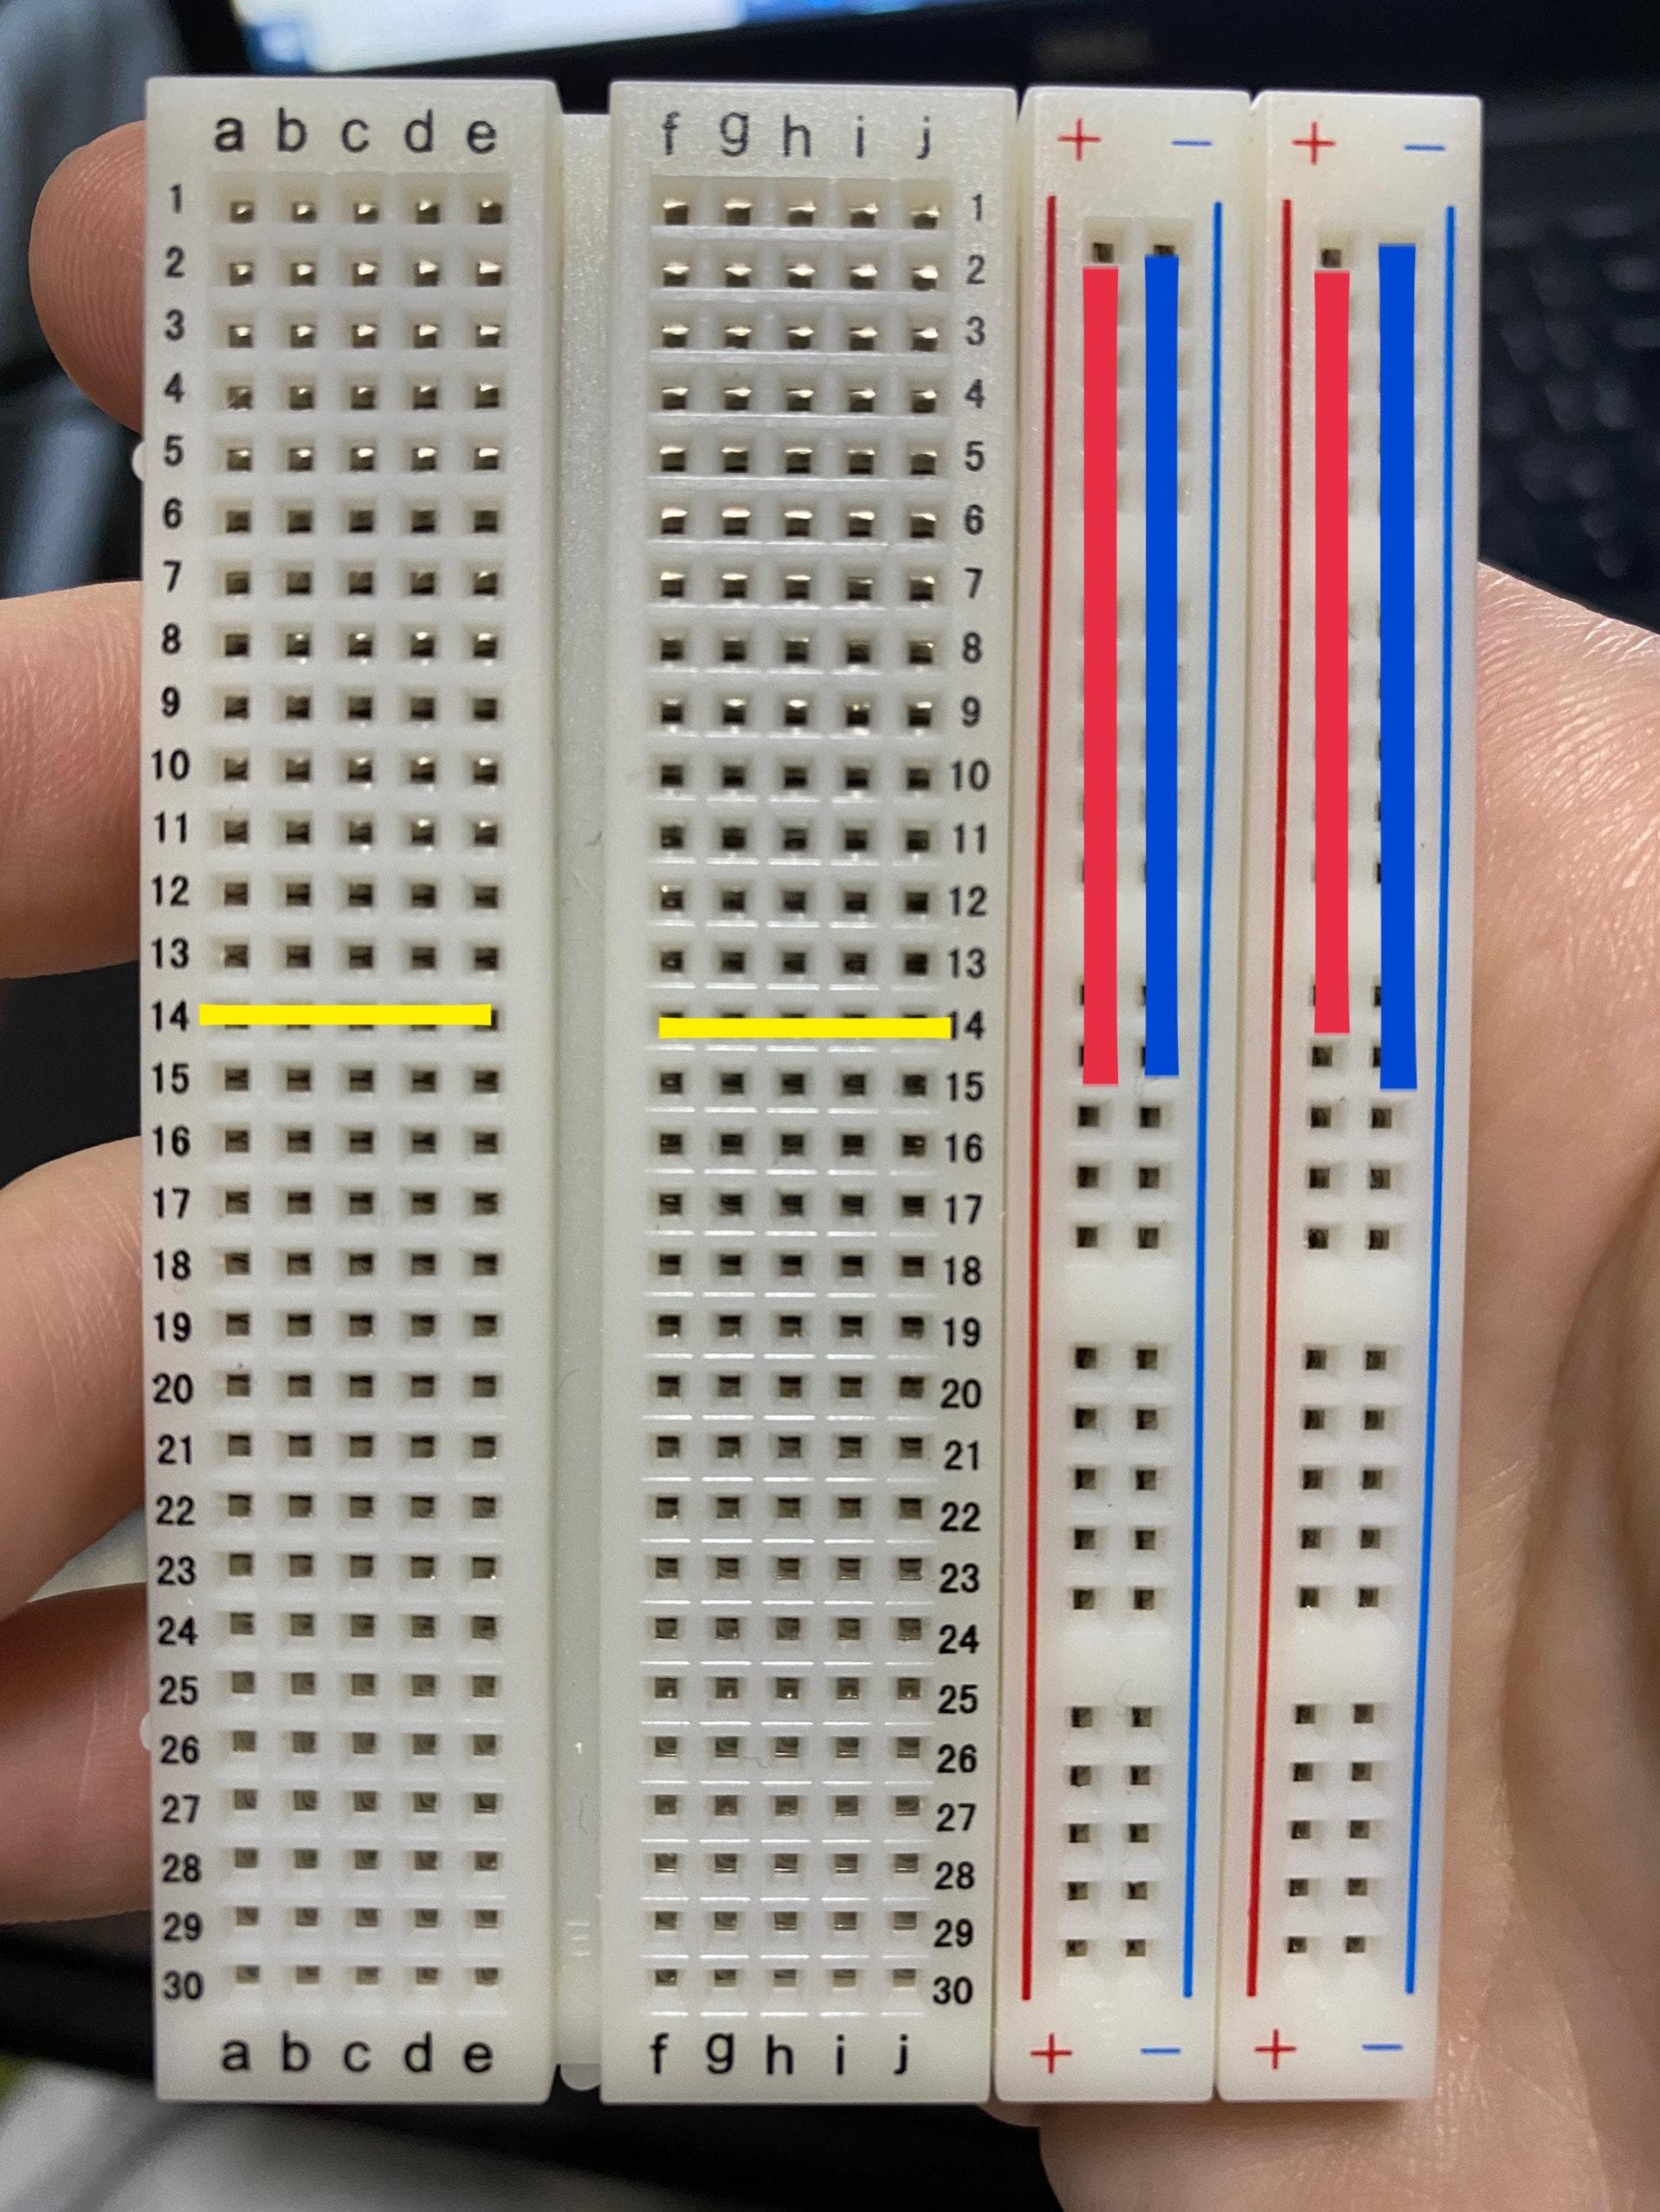 CFB68B9E-4EBC-4A0A-97B4-D73B56D3E9B3.jpeg